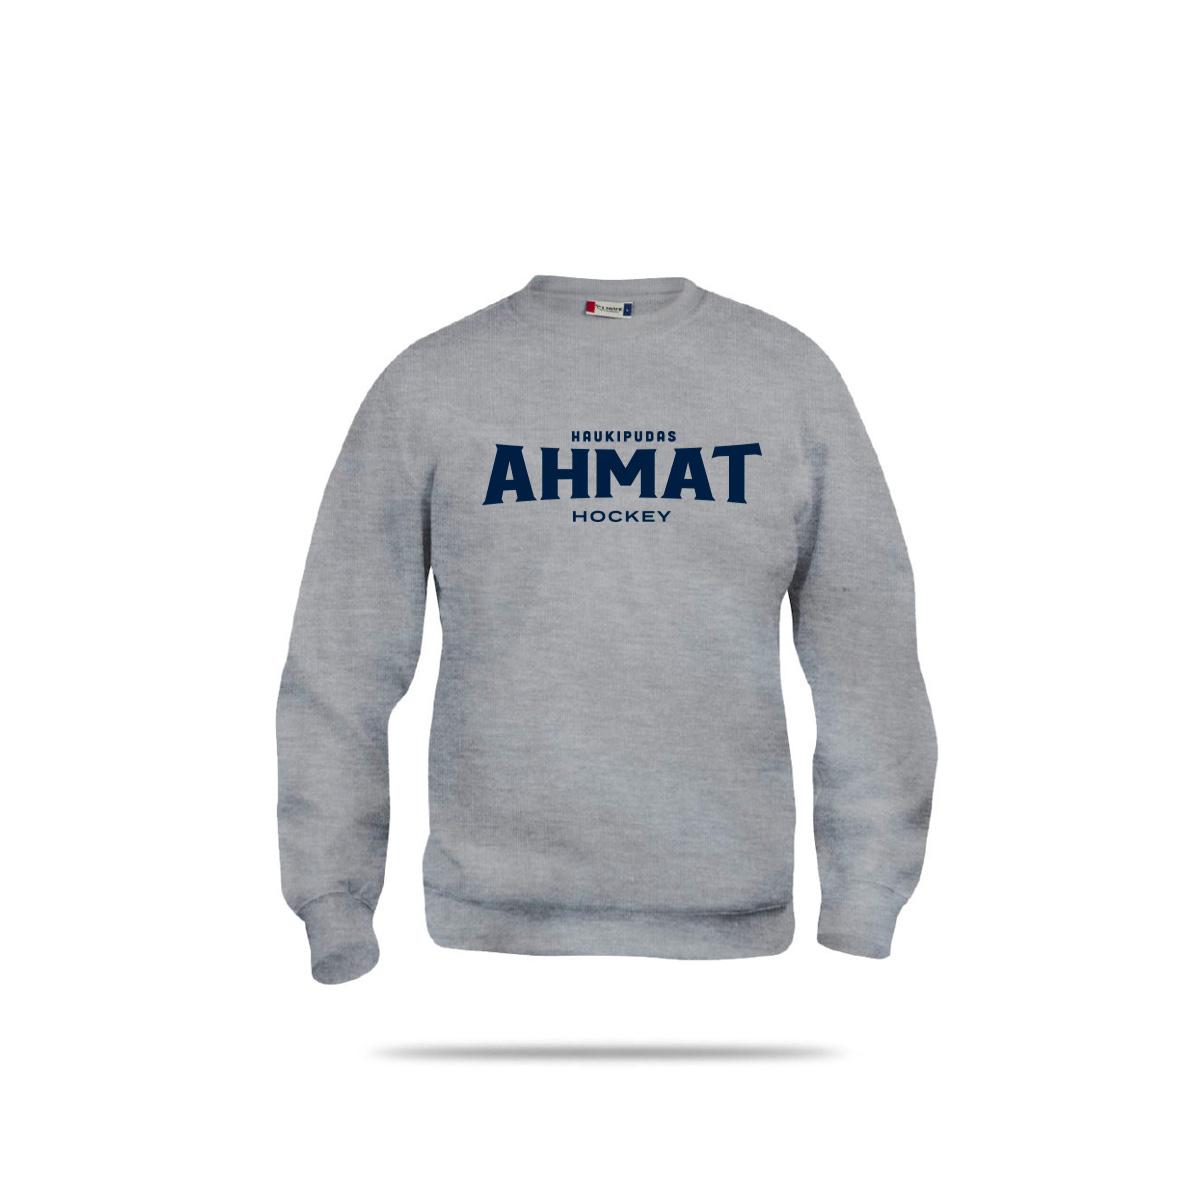 Ahmat-fani-3027-harmaa-text